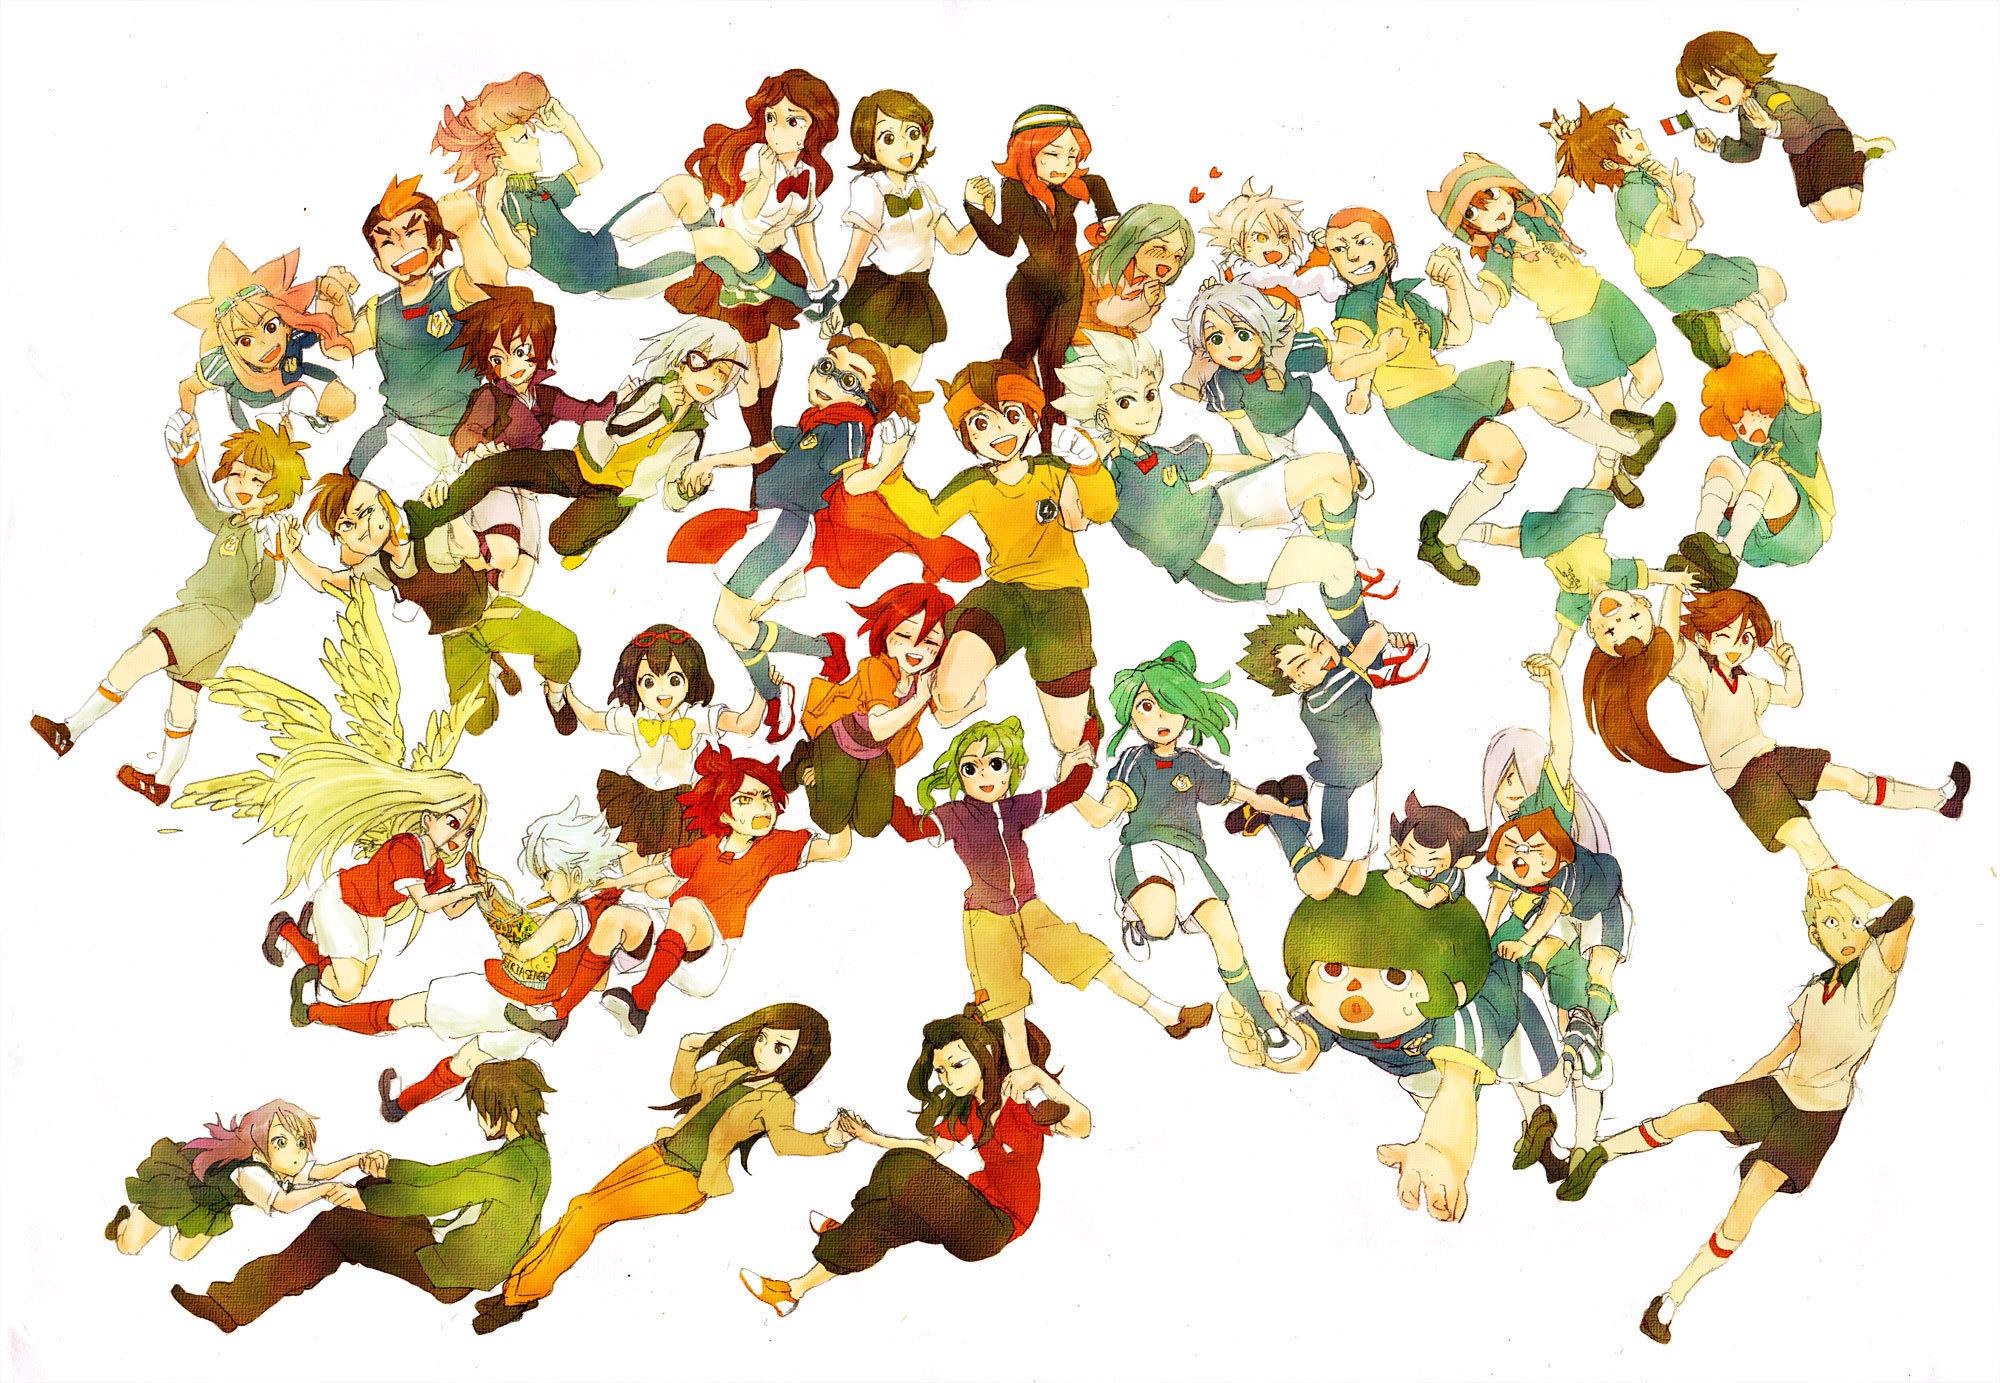 // موسوعة صور أبطال الكرة // Inazuma-Eleven-inazuma-eleven-15743901-2000-1383.jpg